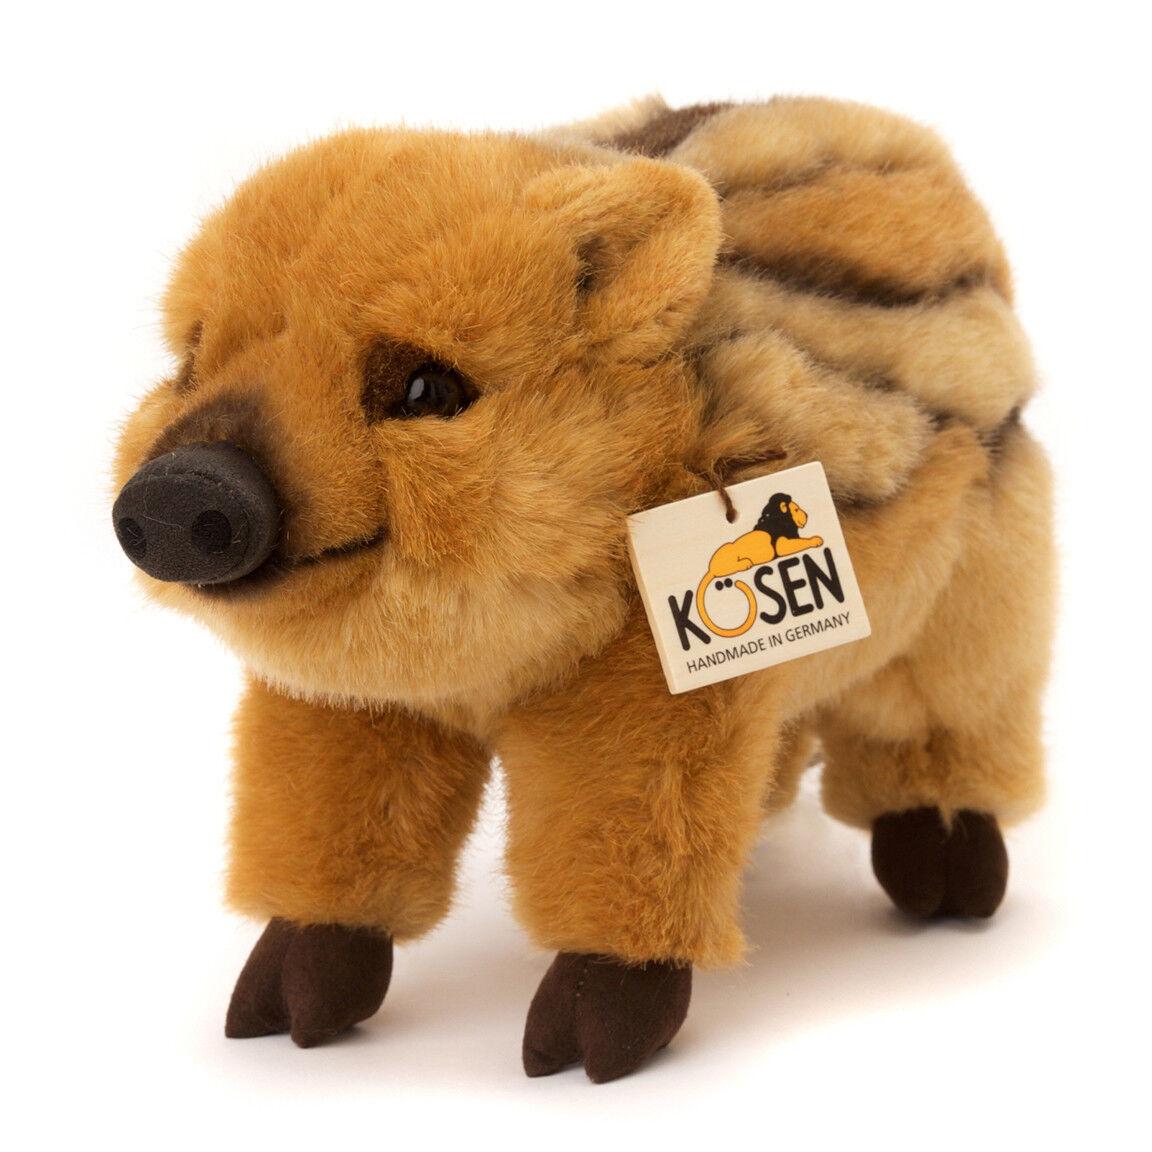 Wild Boar Piglet - collectable plush soft toy - Kosen   Kösen - 3190 - 30cm